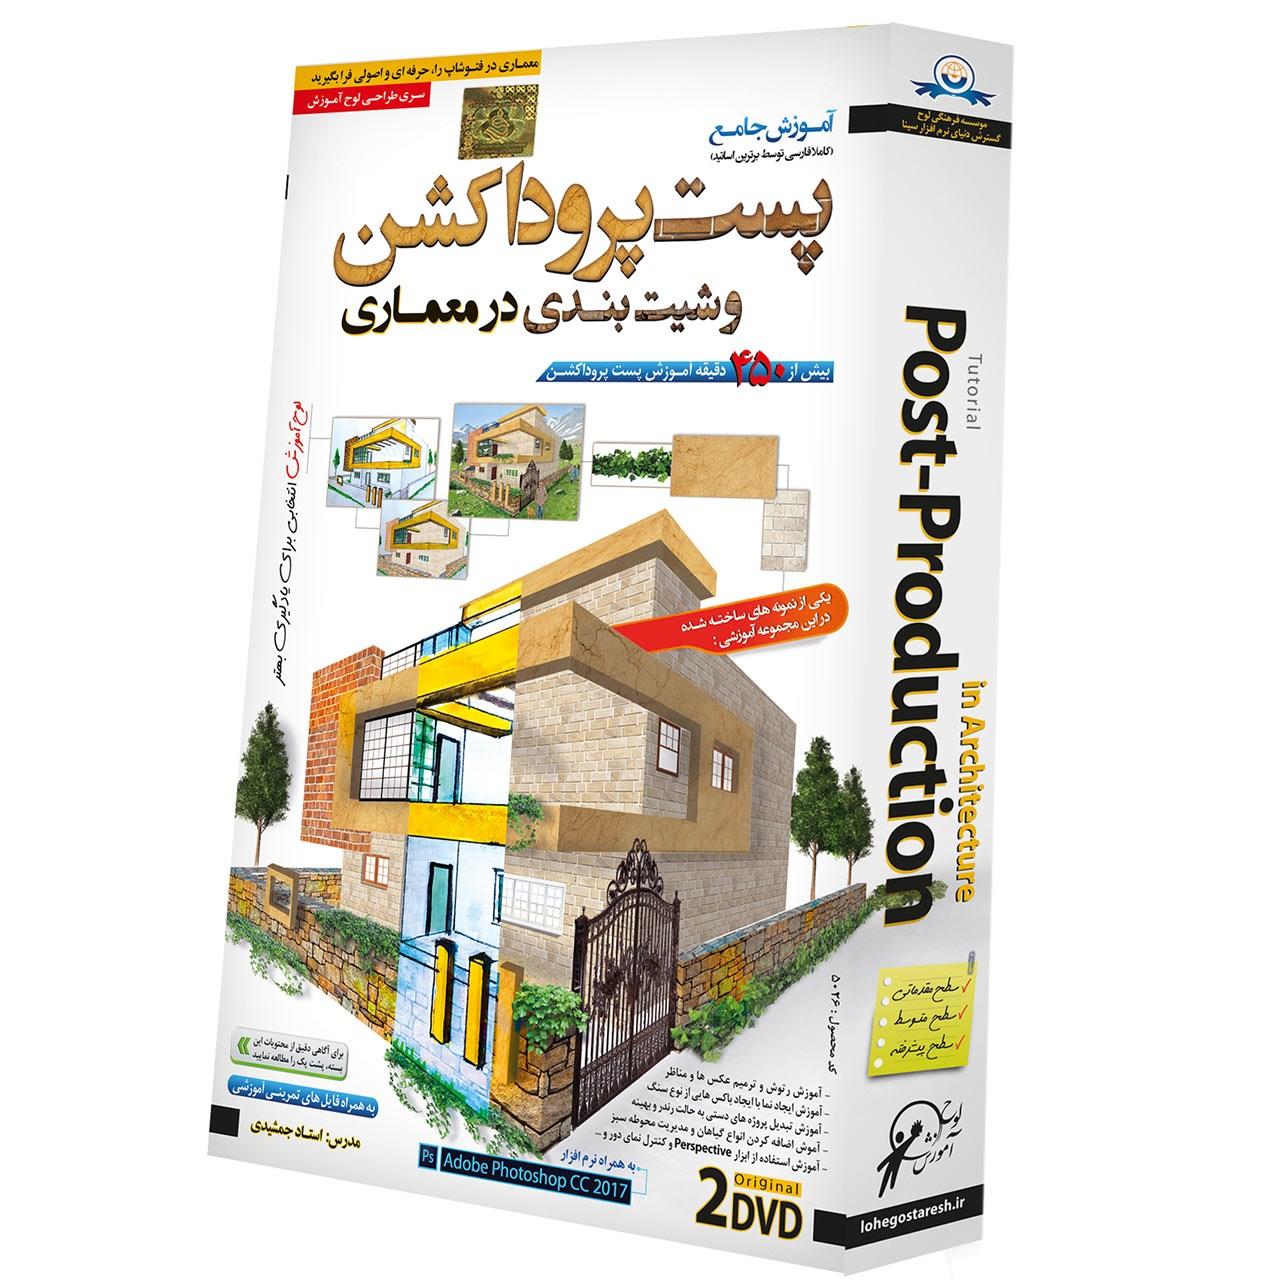 نرم افزار آموزش Tutorial Post Production In Rchitecture نشر دنیای نرم افزار سینا